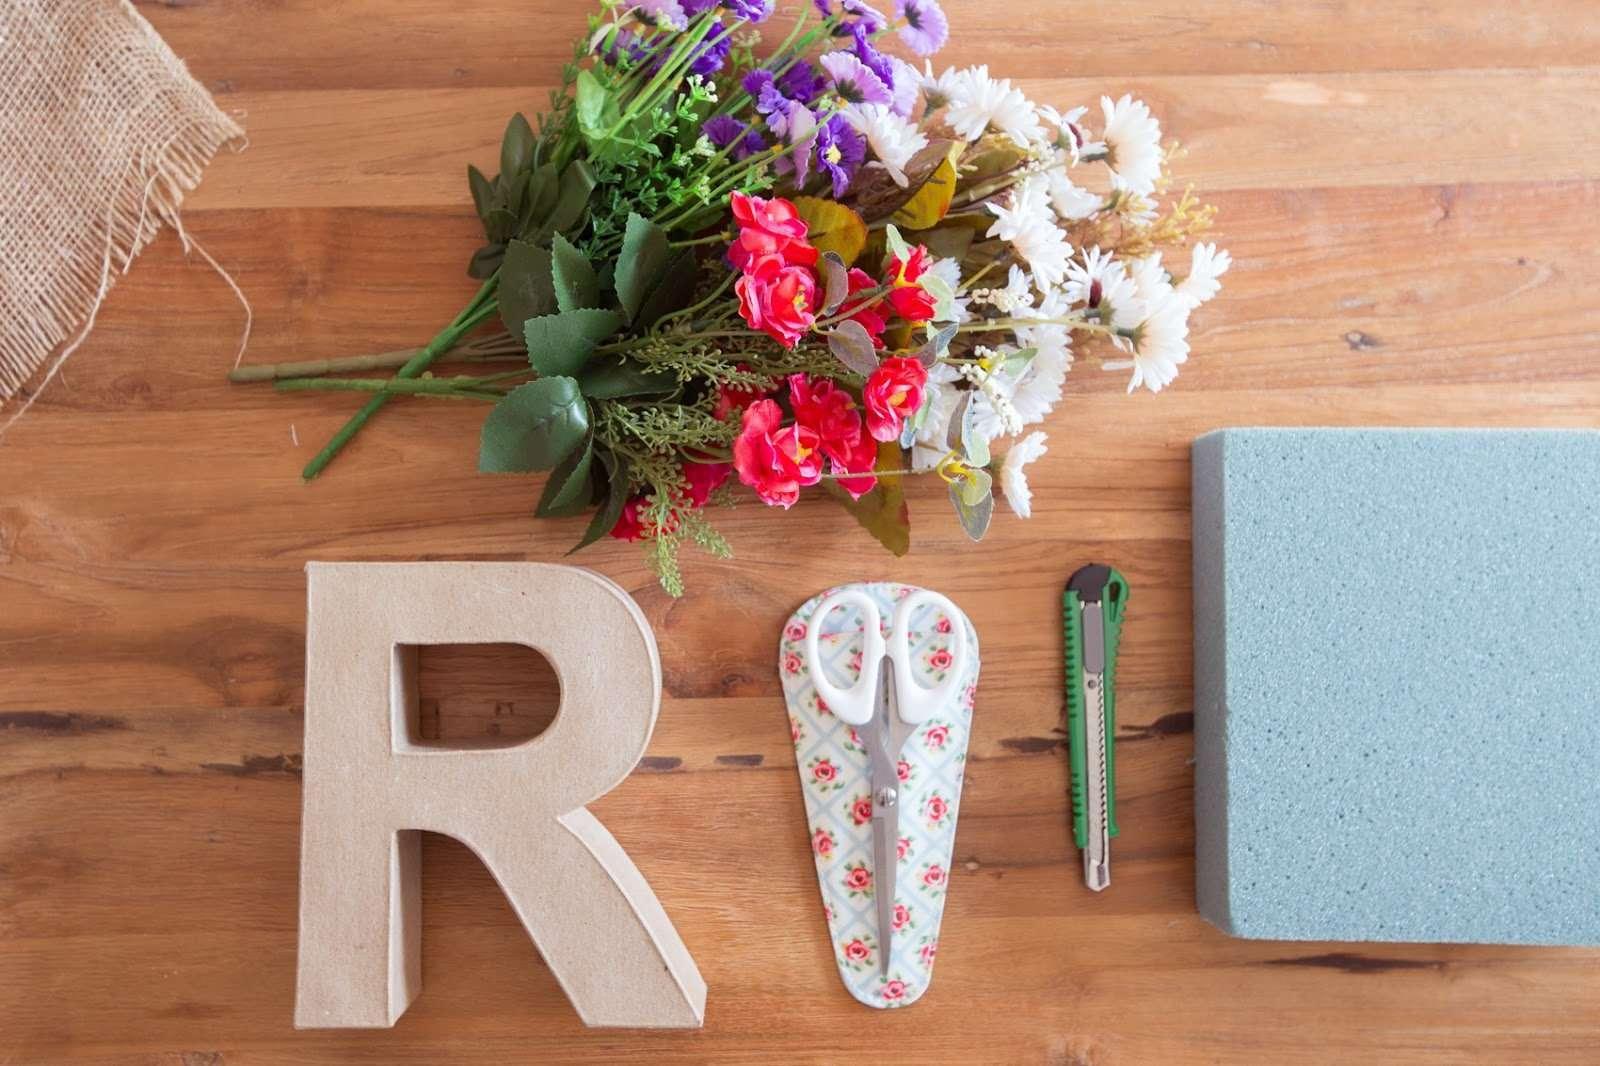 lletres-amb-flors-masialagarriga-estoreta (1 de 49)